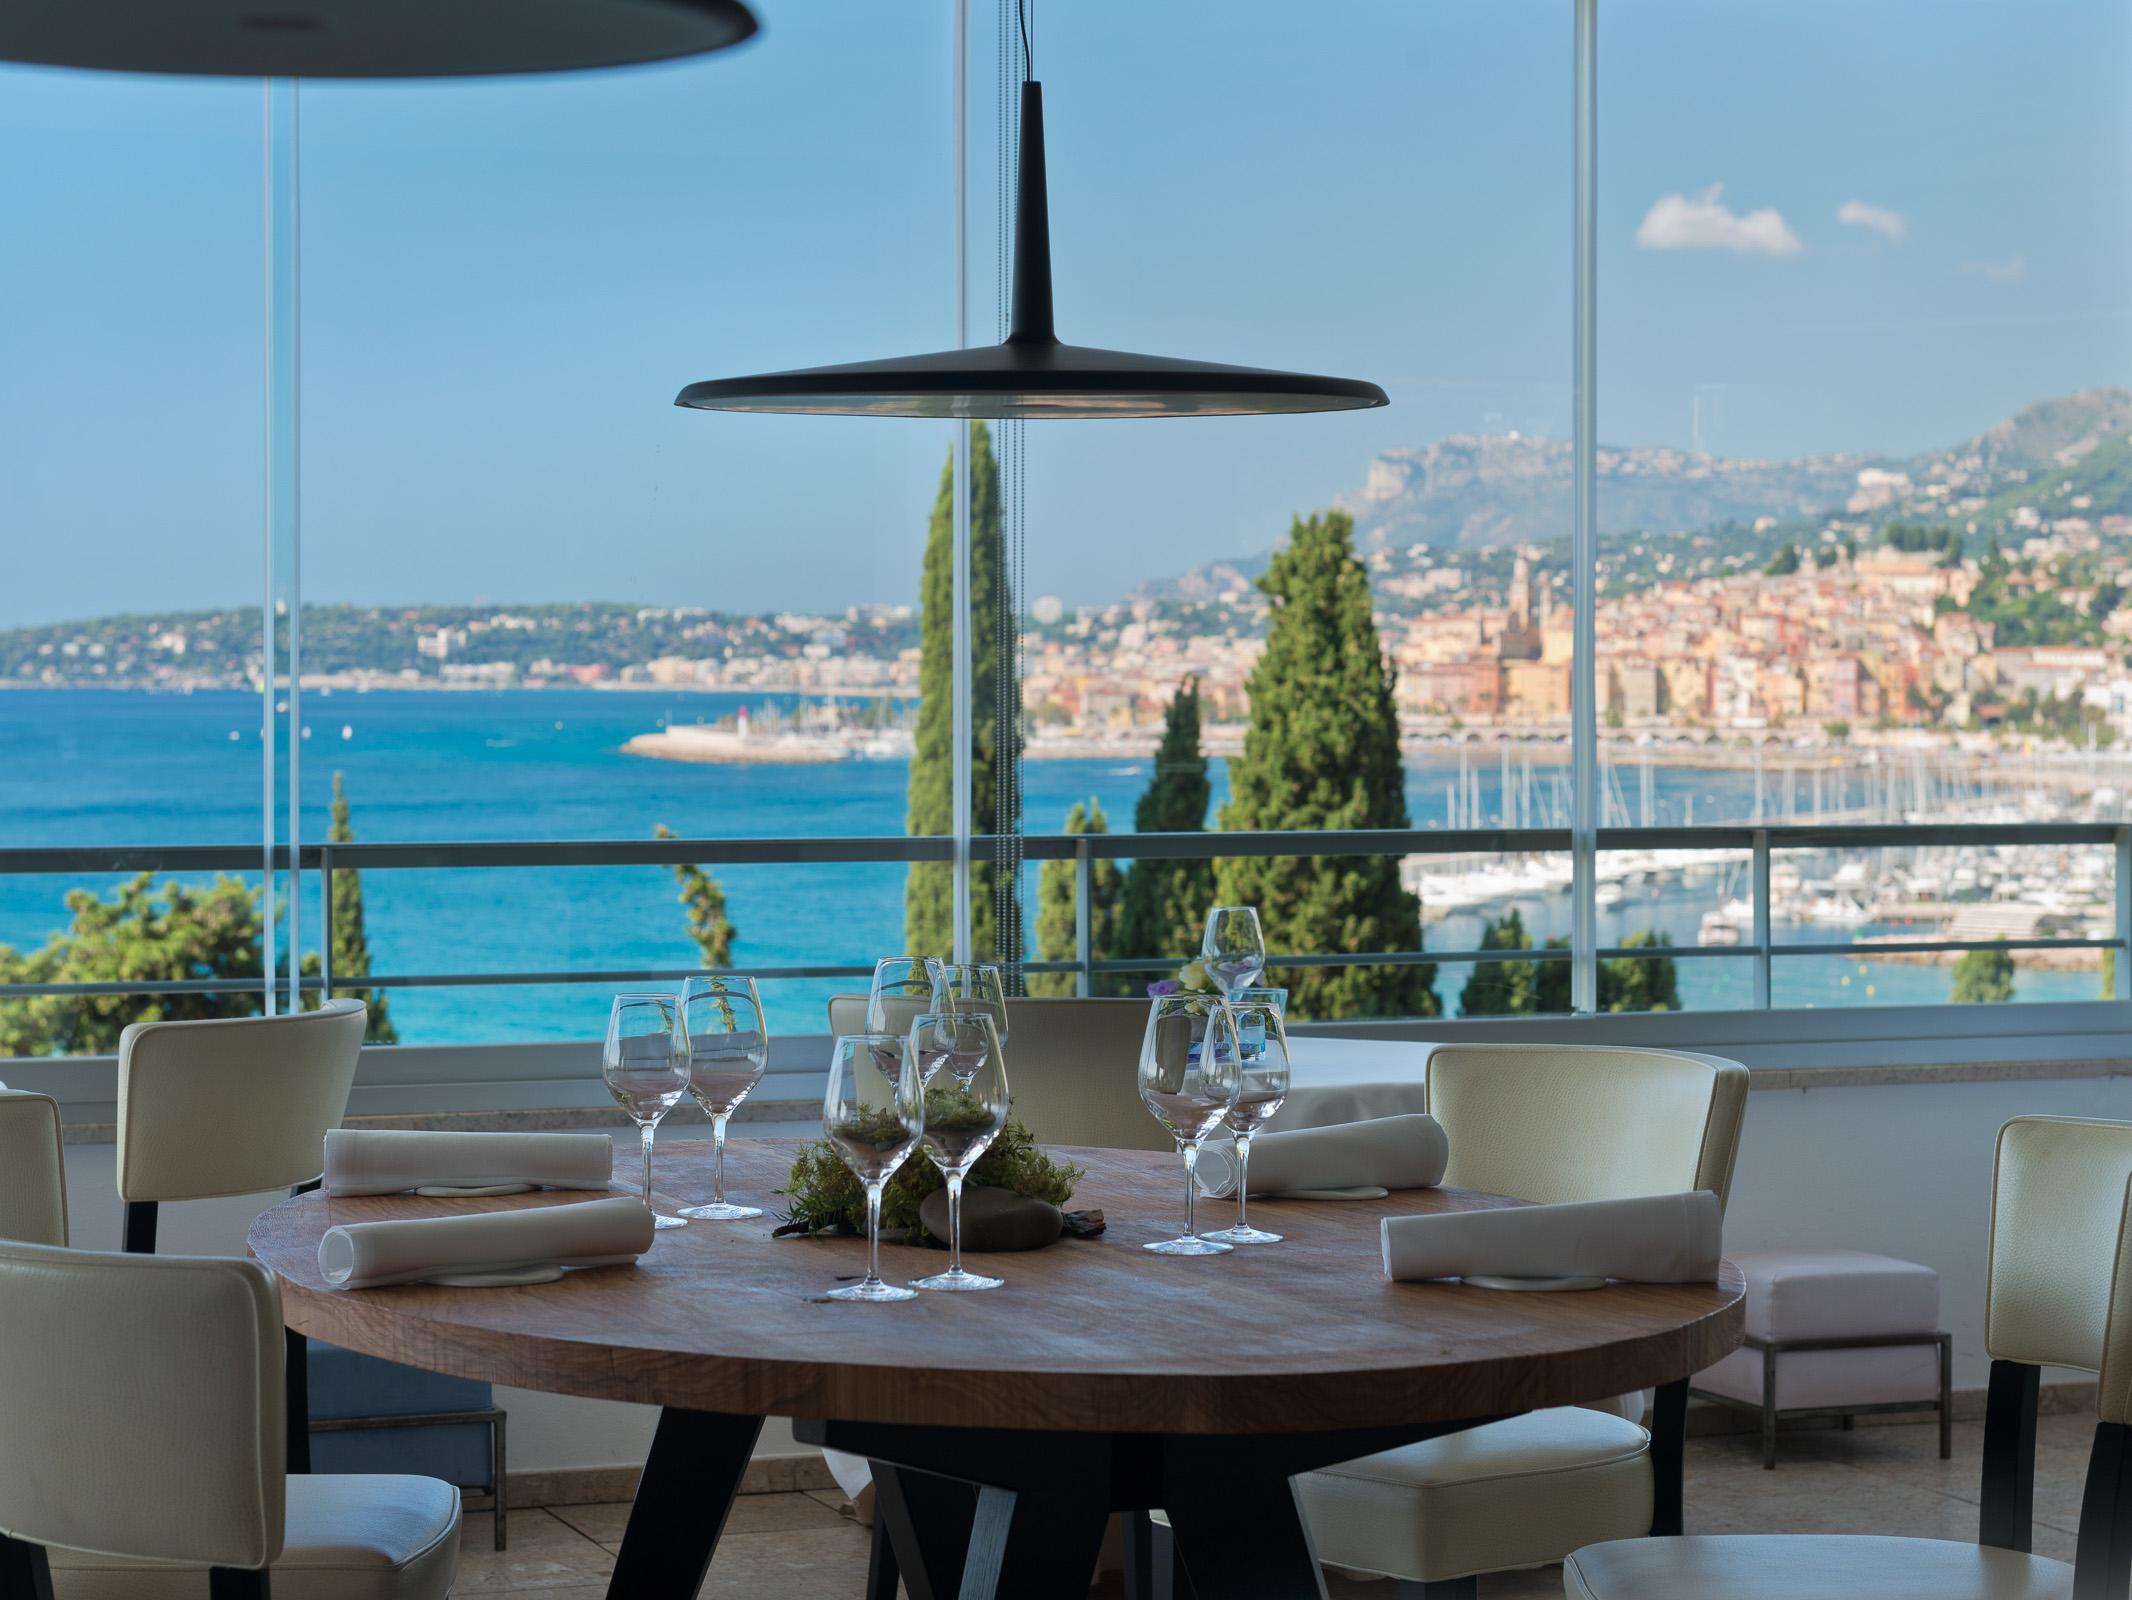 Il ristorante Mirazur di Mentone guidato dallo chef italo-argentino Mauro Colagreco si è aggiudicato l'ambita prima posizione nella lista dei cinquanta migliori ristoranti del mondo.